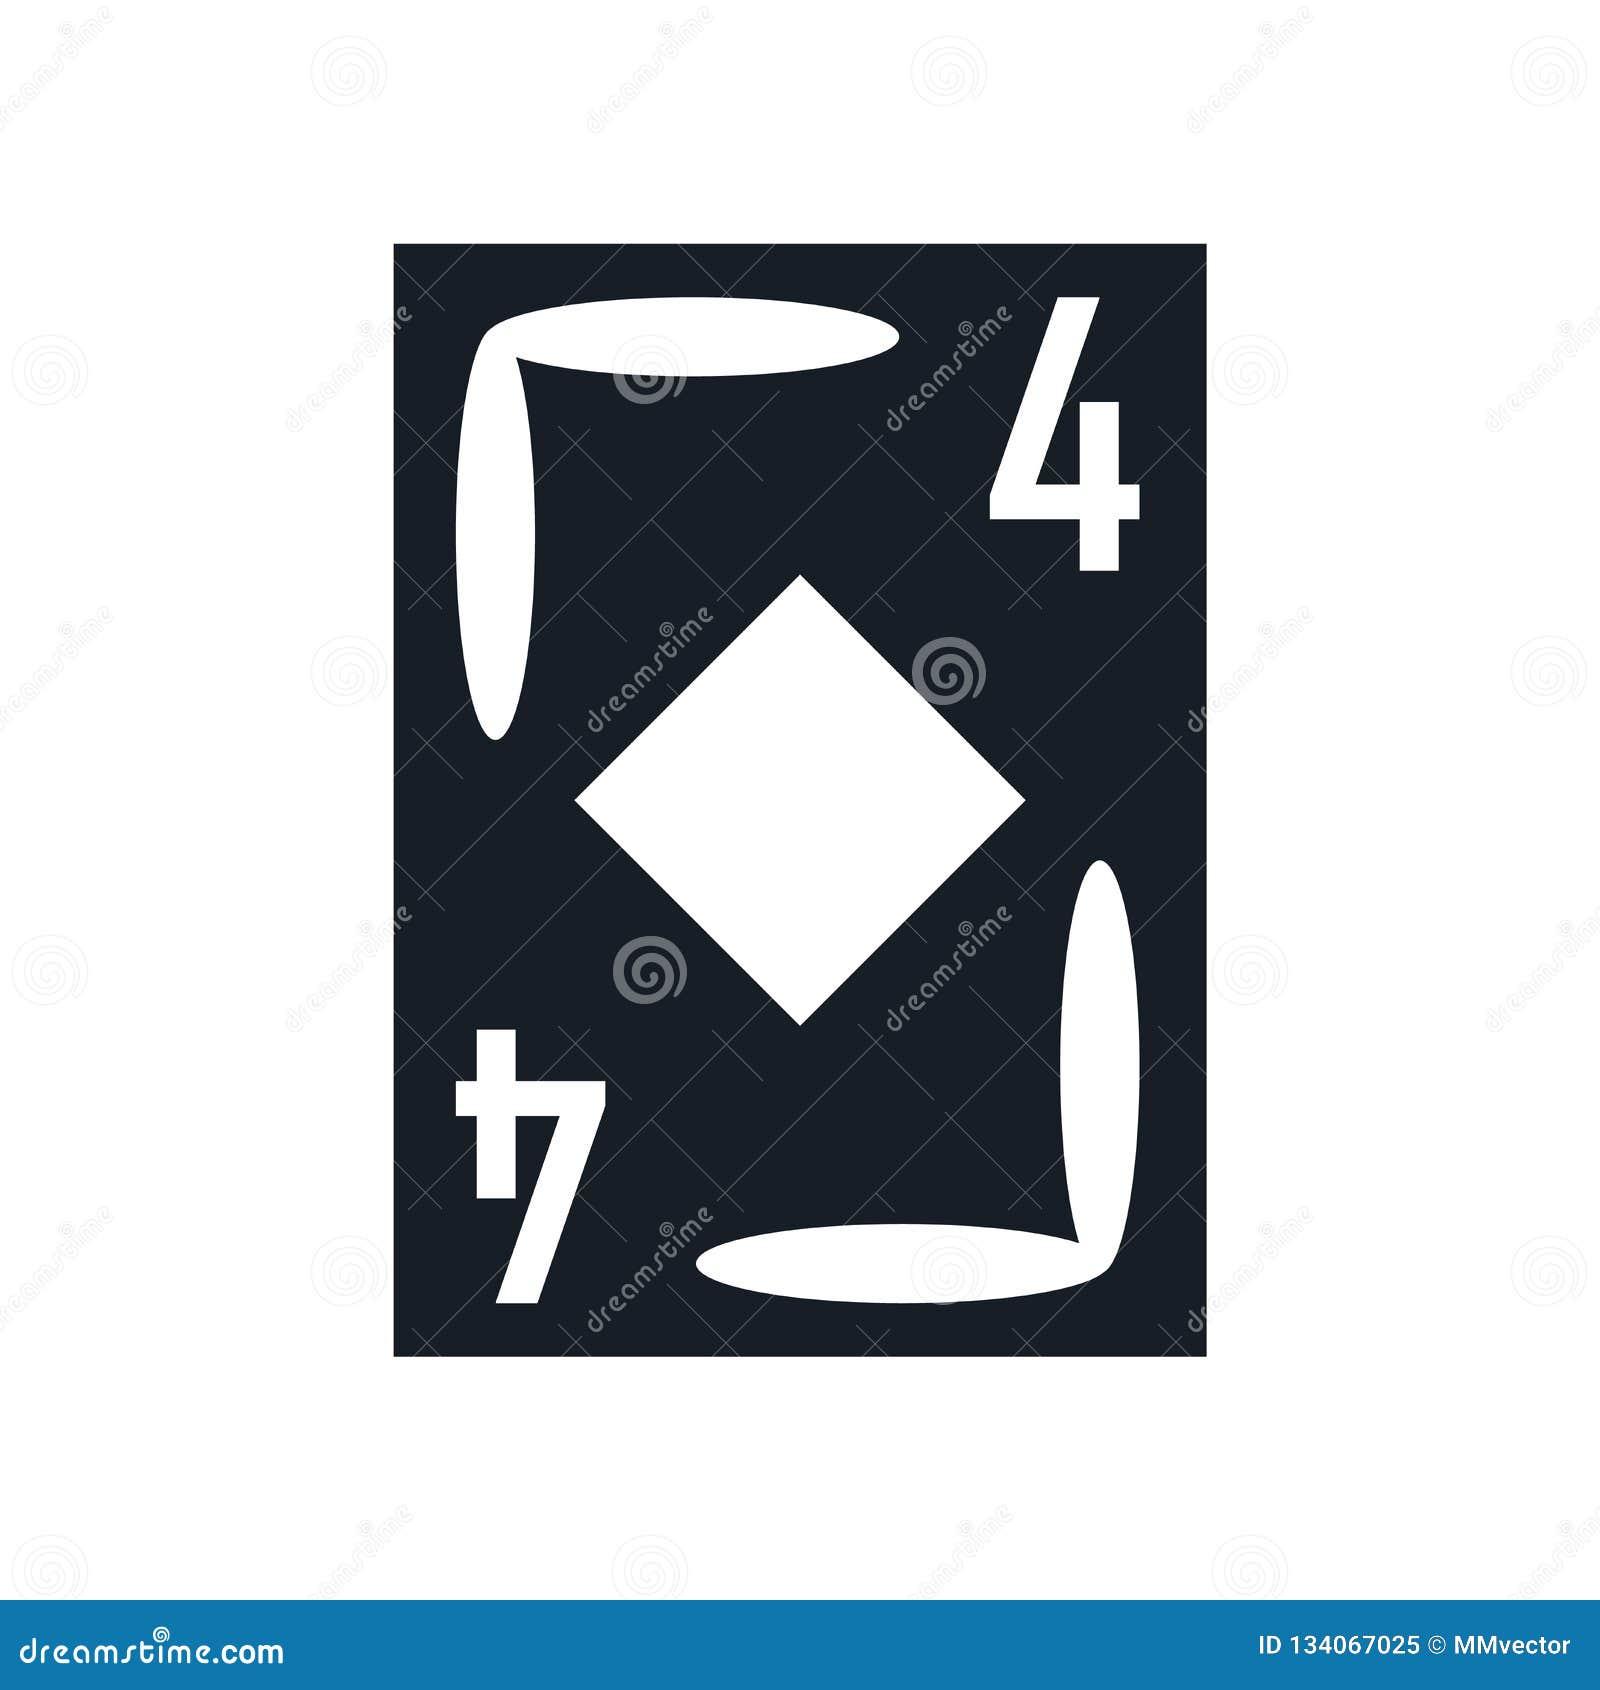 Sinal e símbolo do vetor do ícone do ás do diamante isolados no fundo branco, conceito do logotipo do ás do diamante